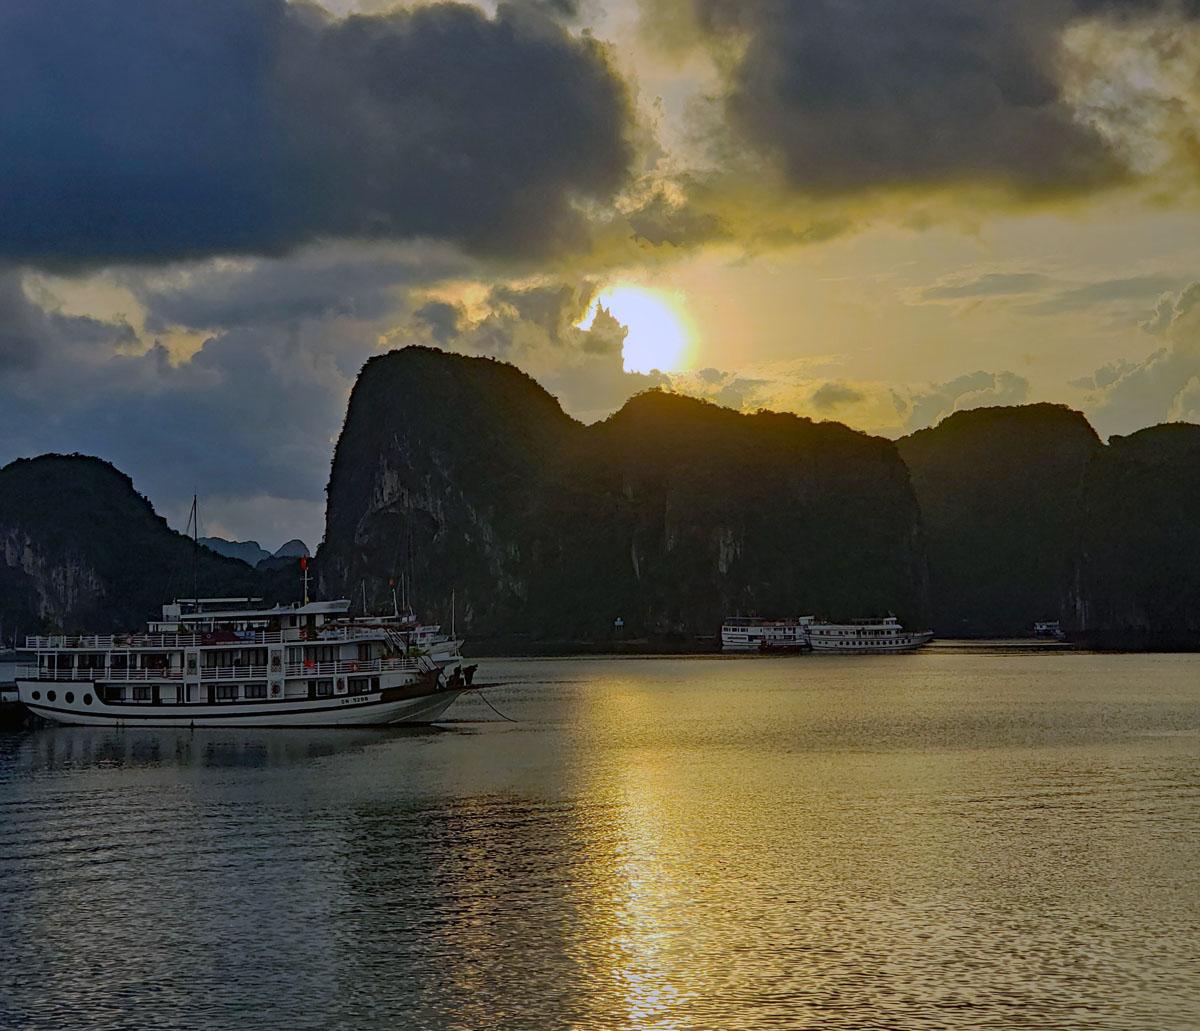 Ha Long Bay in the Gulf of Tonkin Vietnam